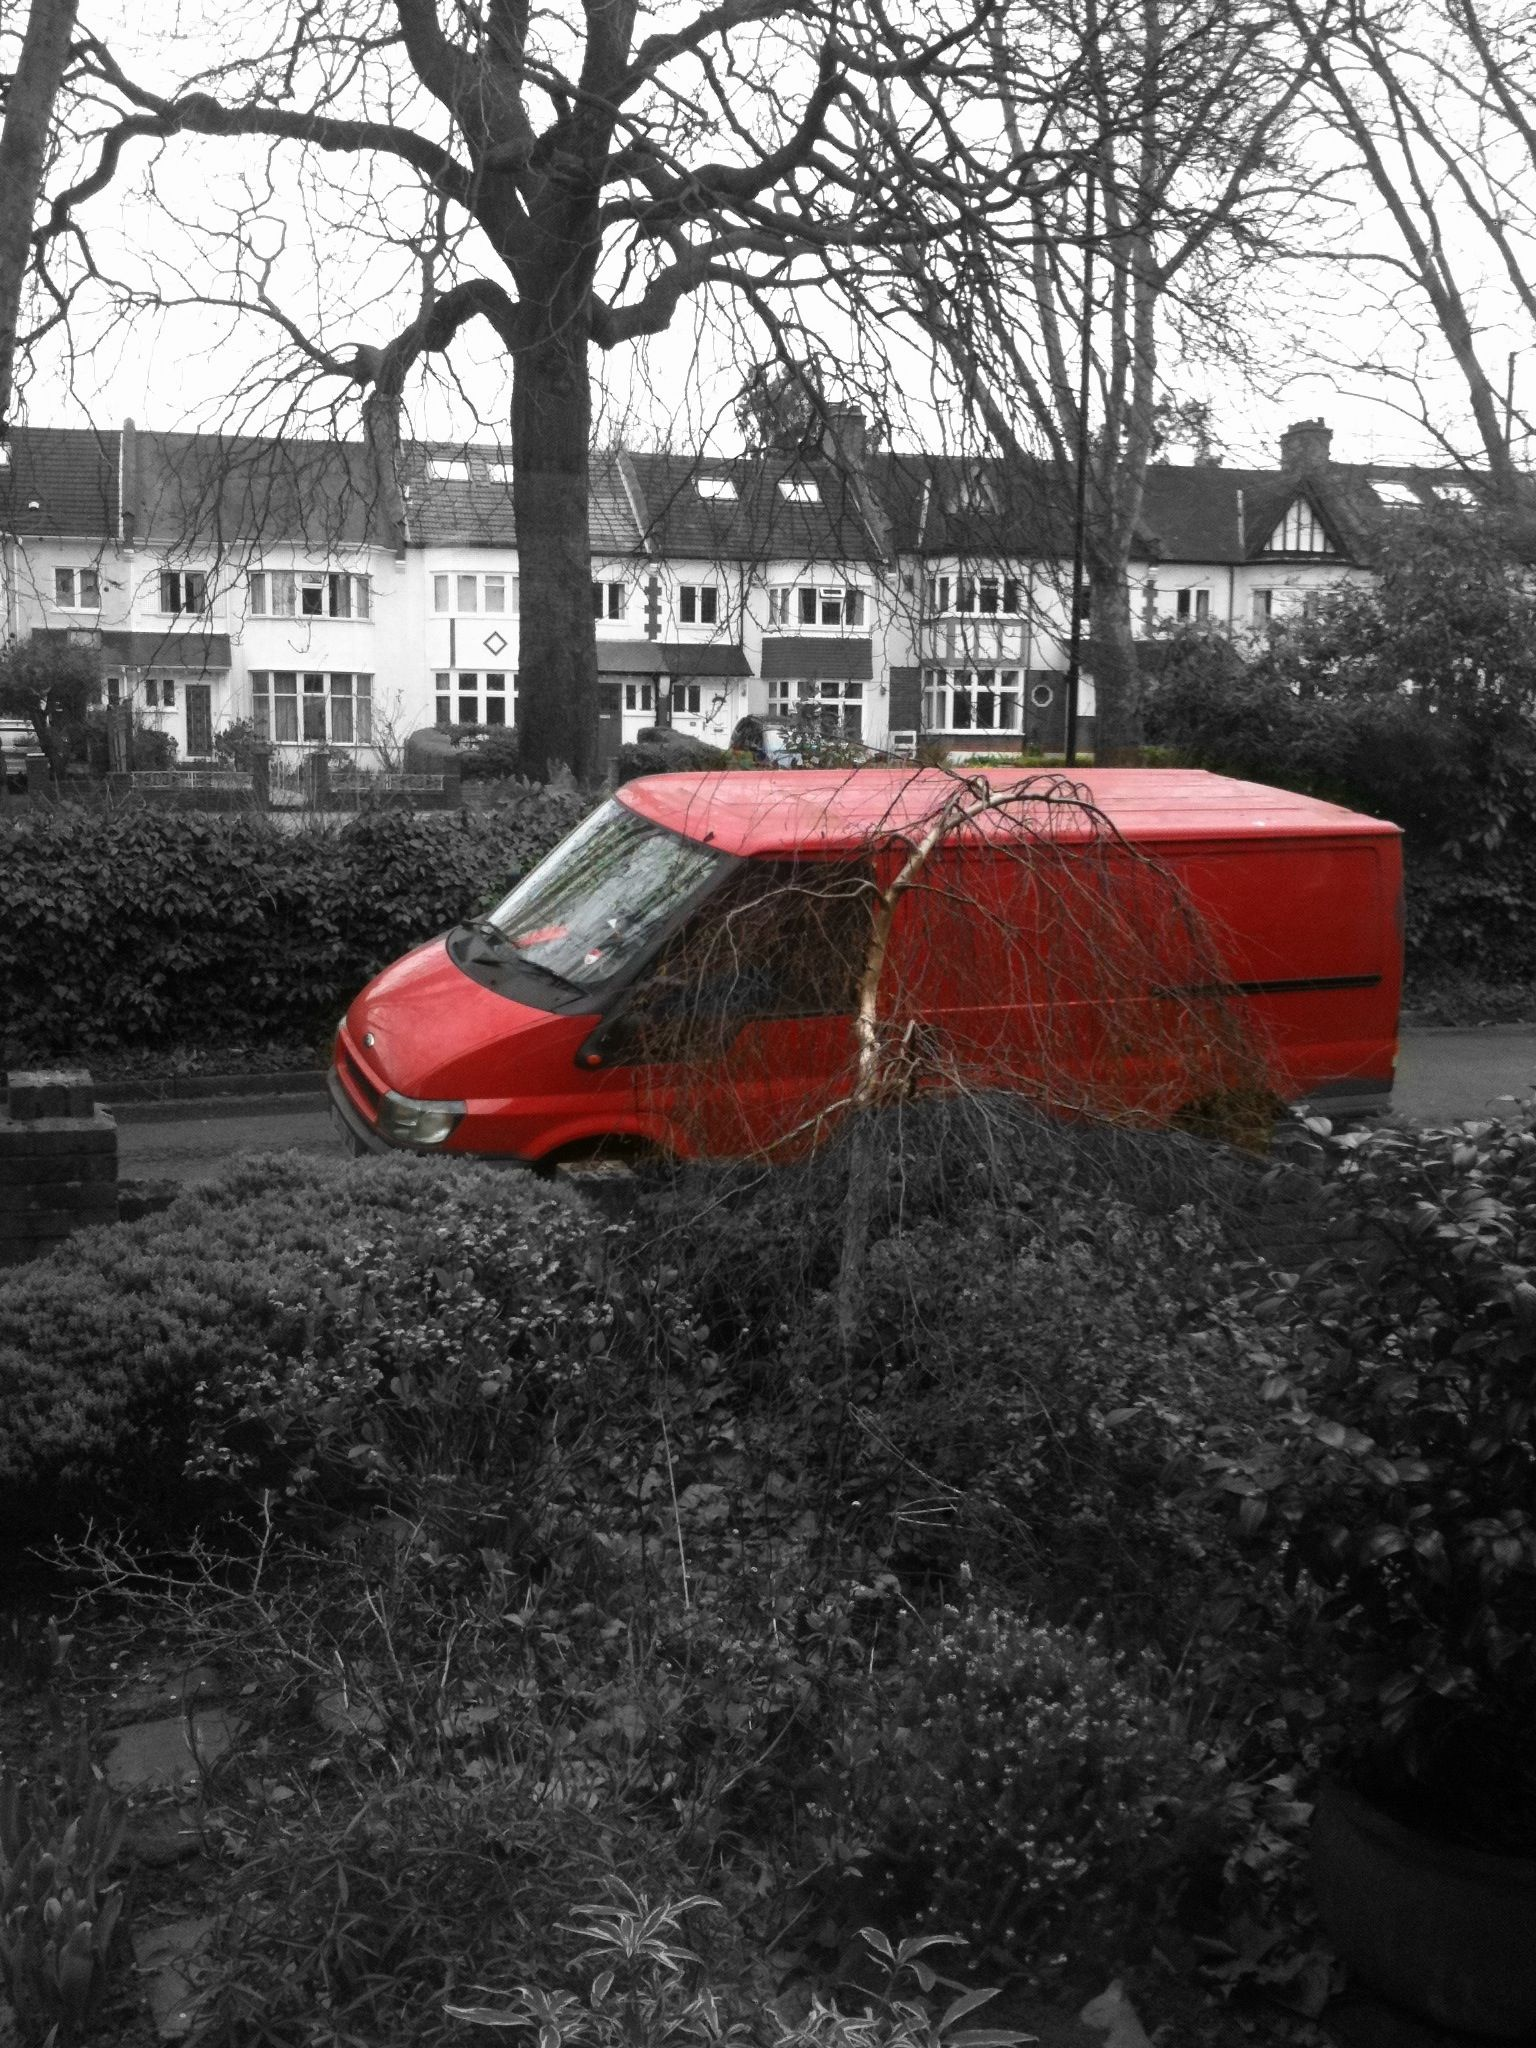 Red van Red vans, Van, Red